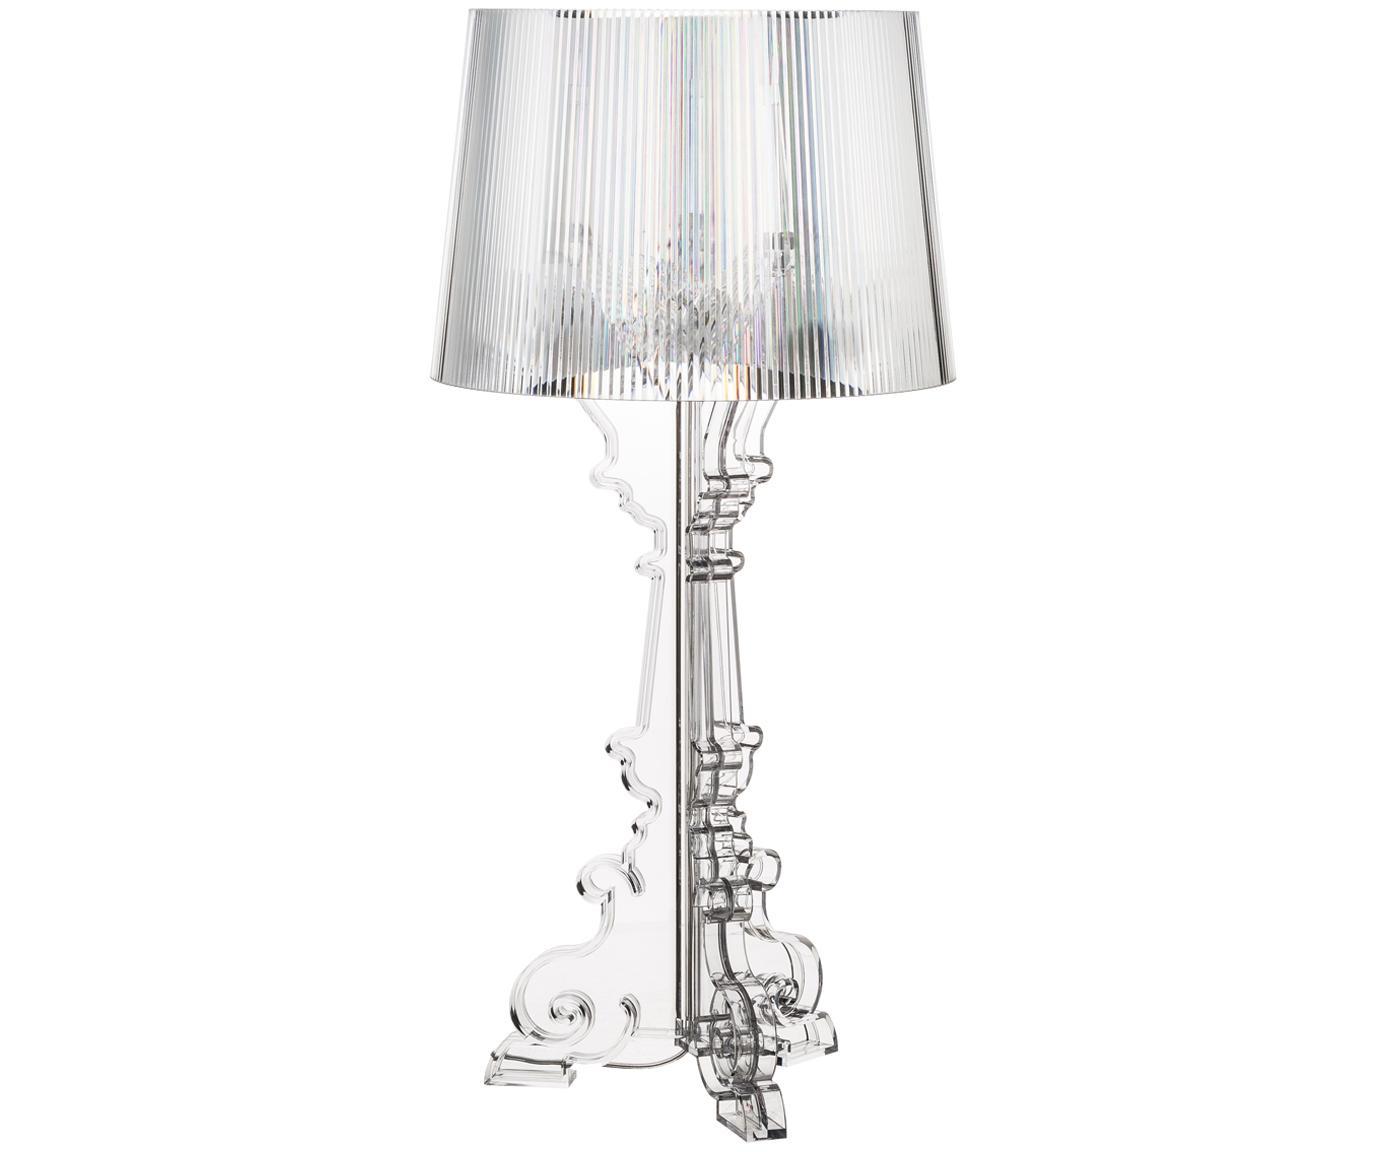 Lampa stołowa XL Bourgie, Poliwęglan, Transparentny, Ø 37 x W 78 cm